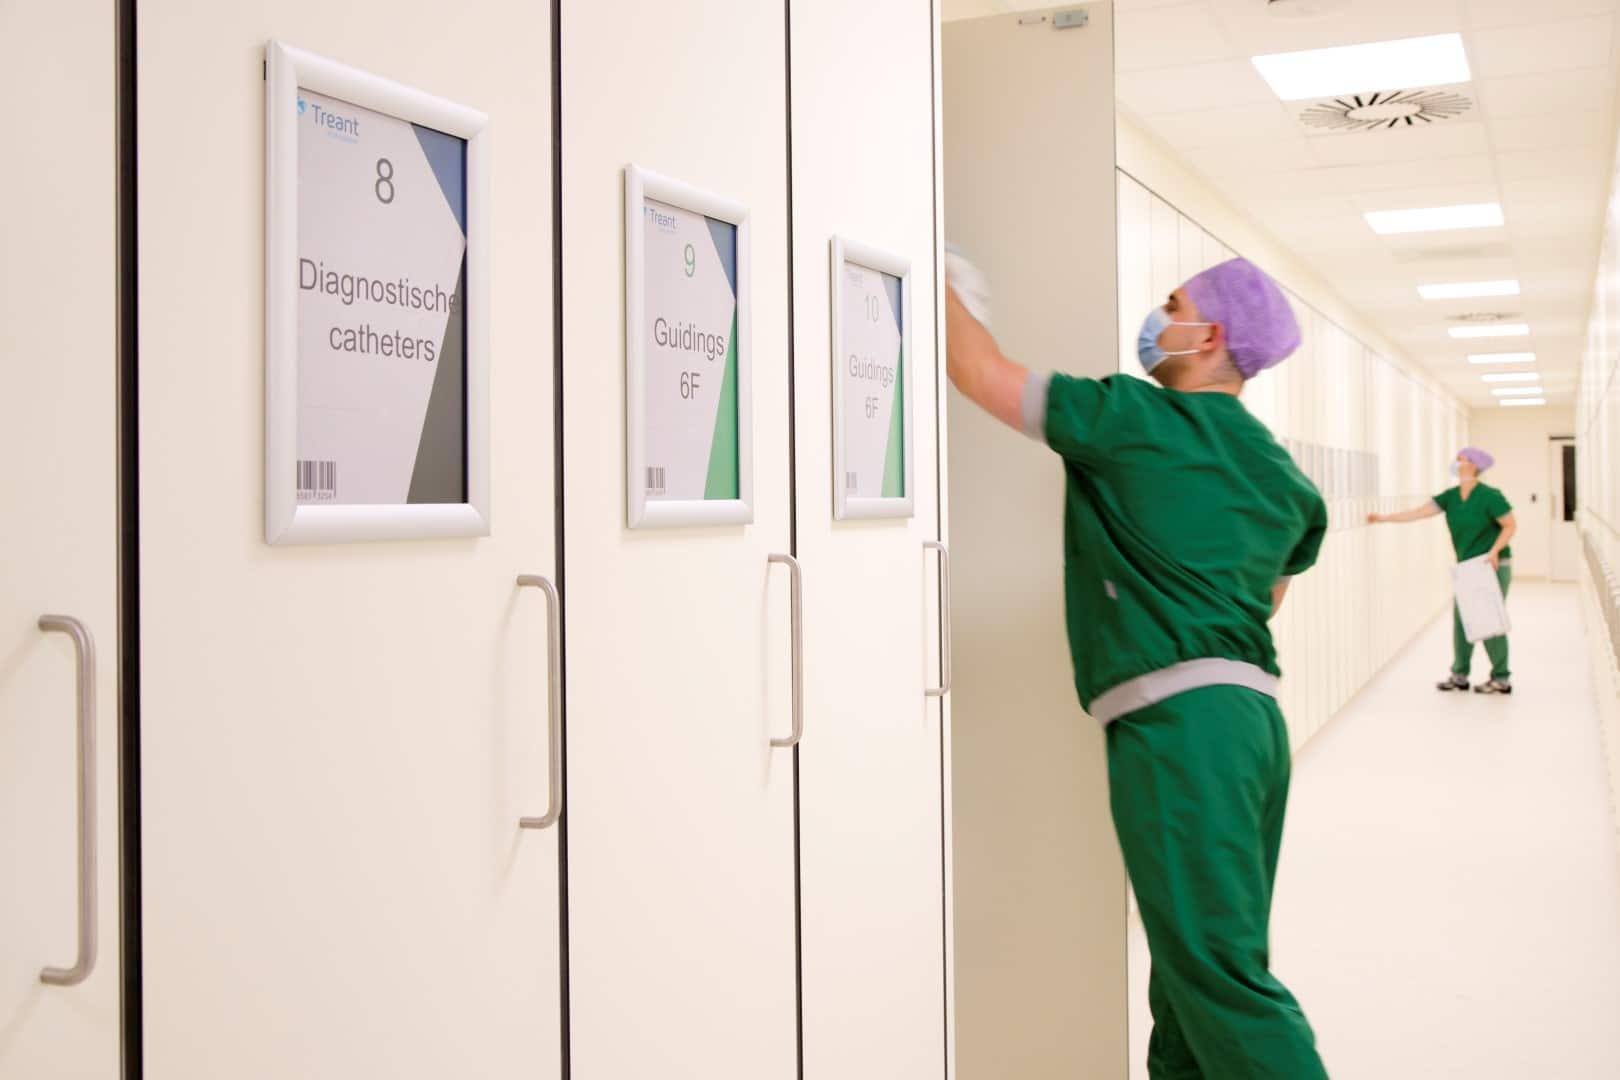 Nieuwbouw Hartinterventiecentrum, Scheper Ziekenhuis